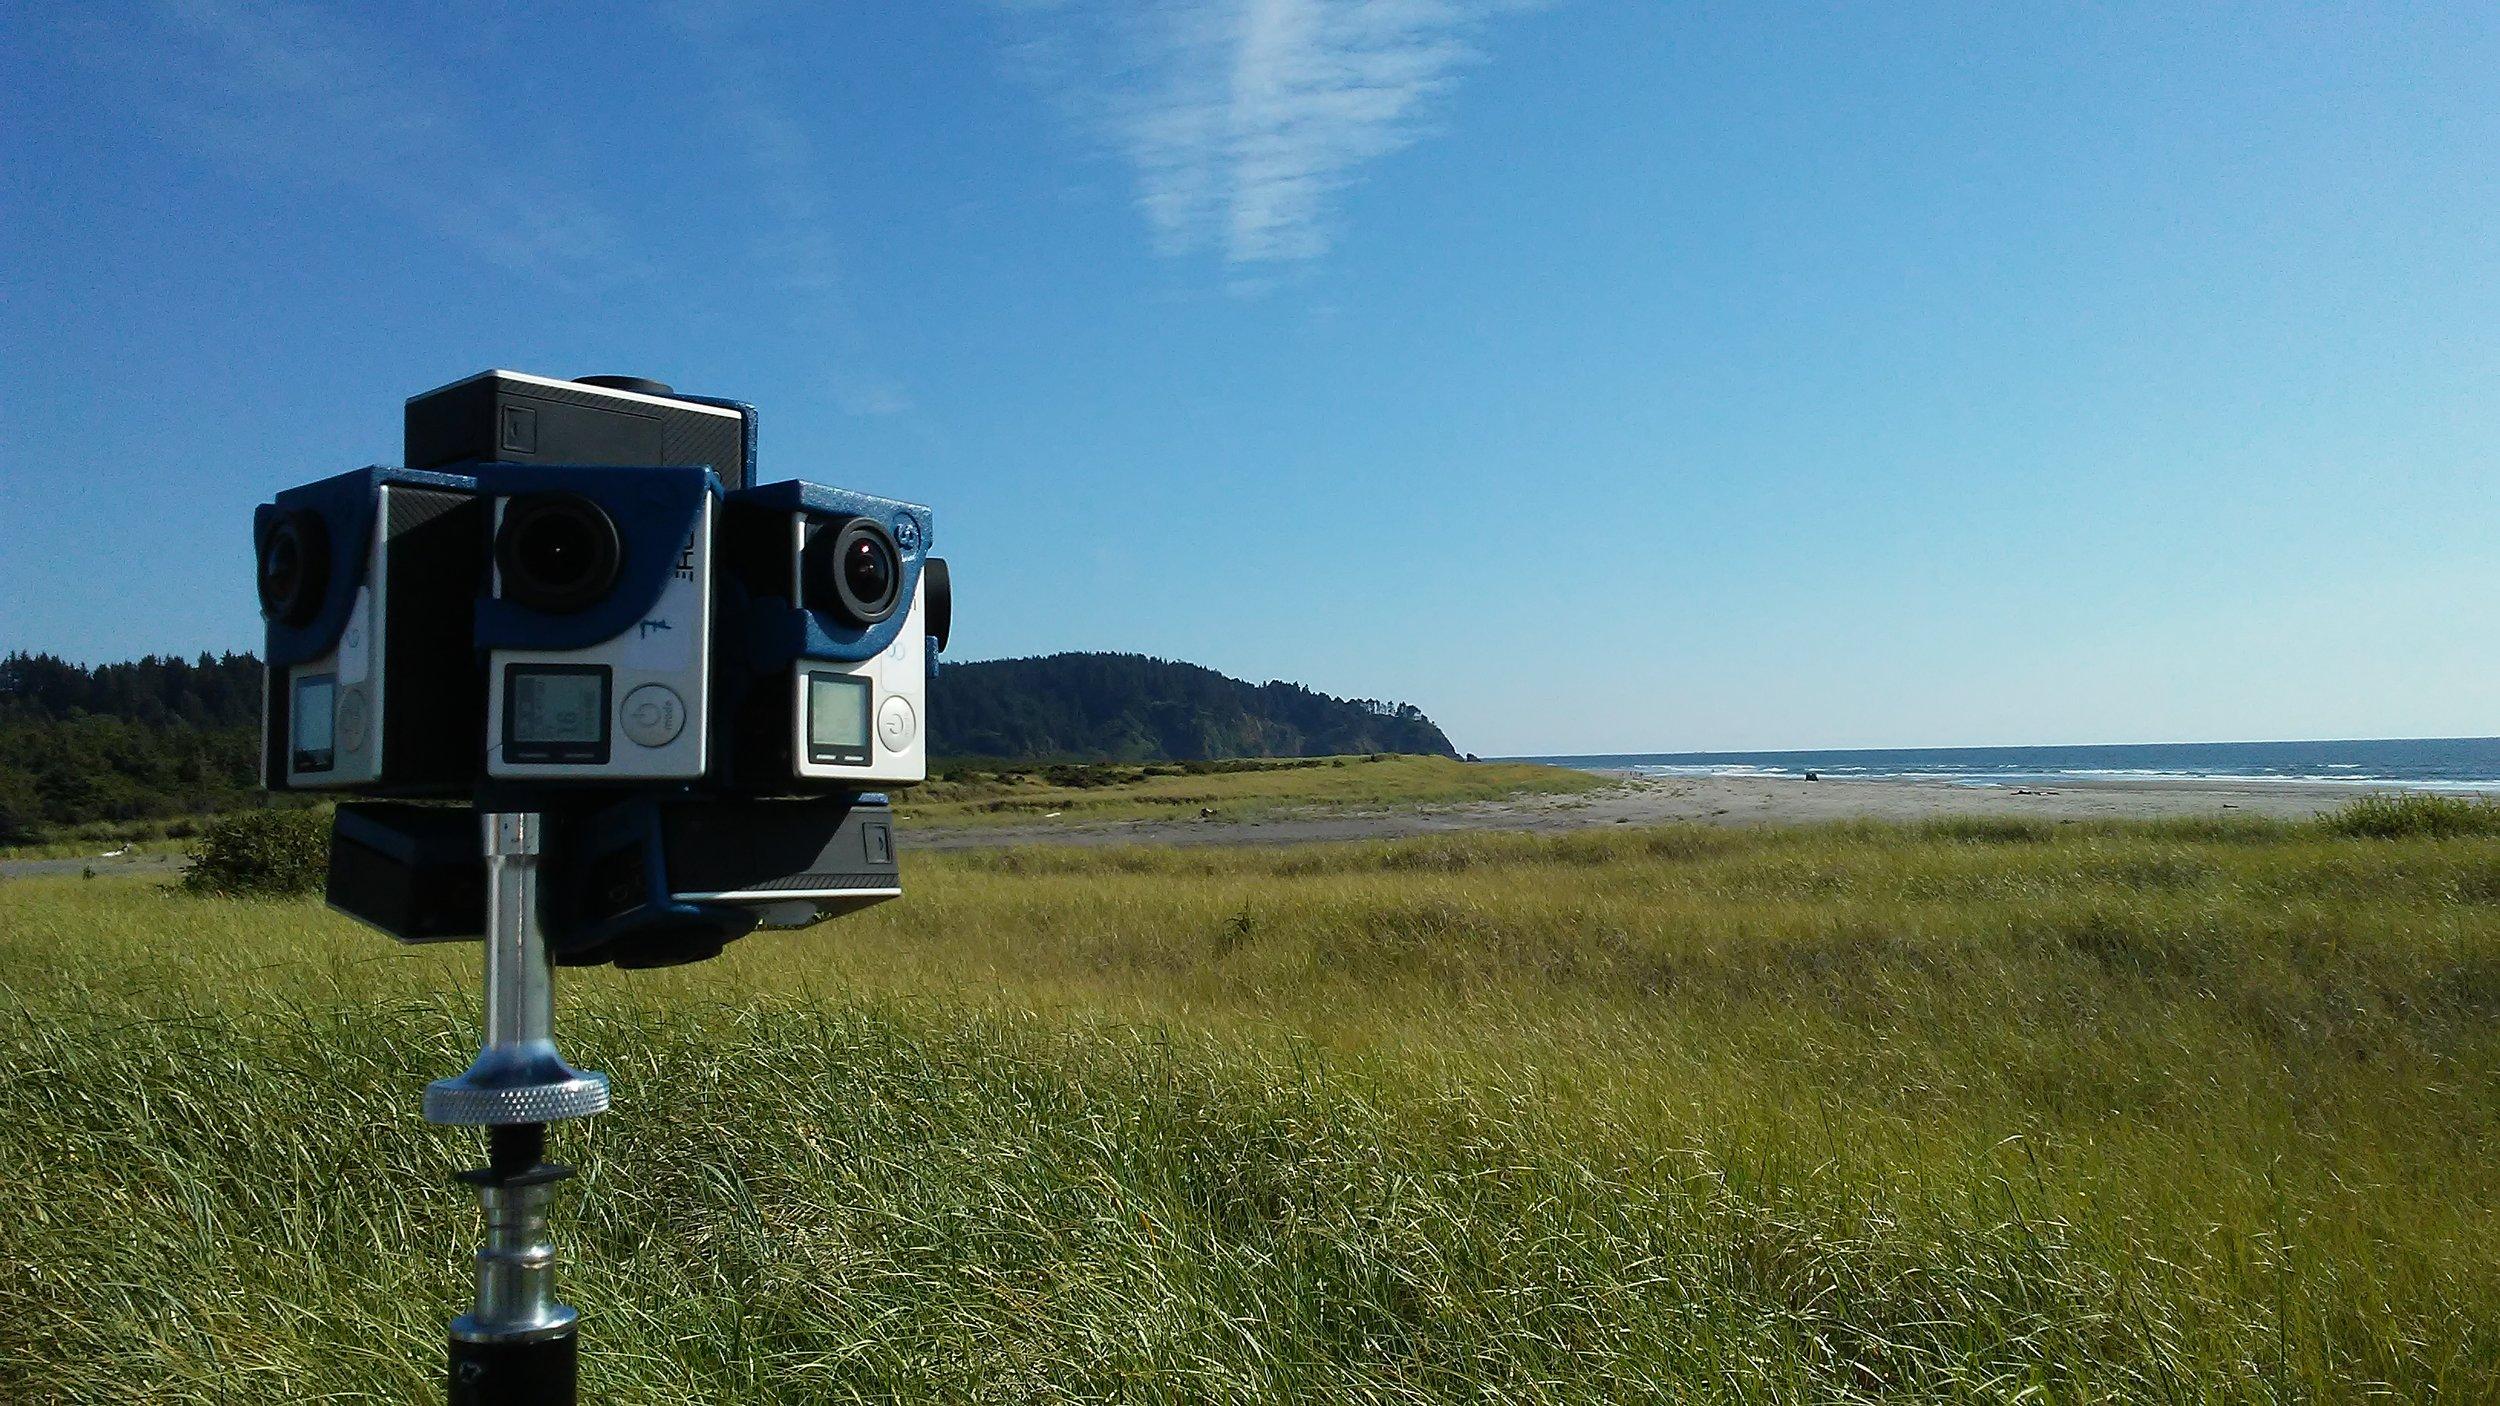 Top360 camera rig